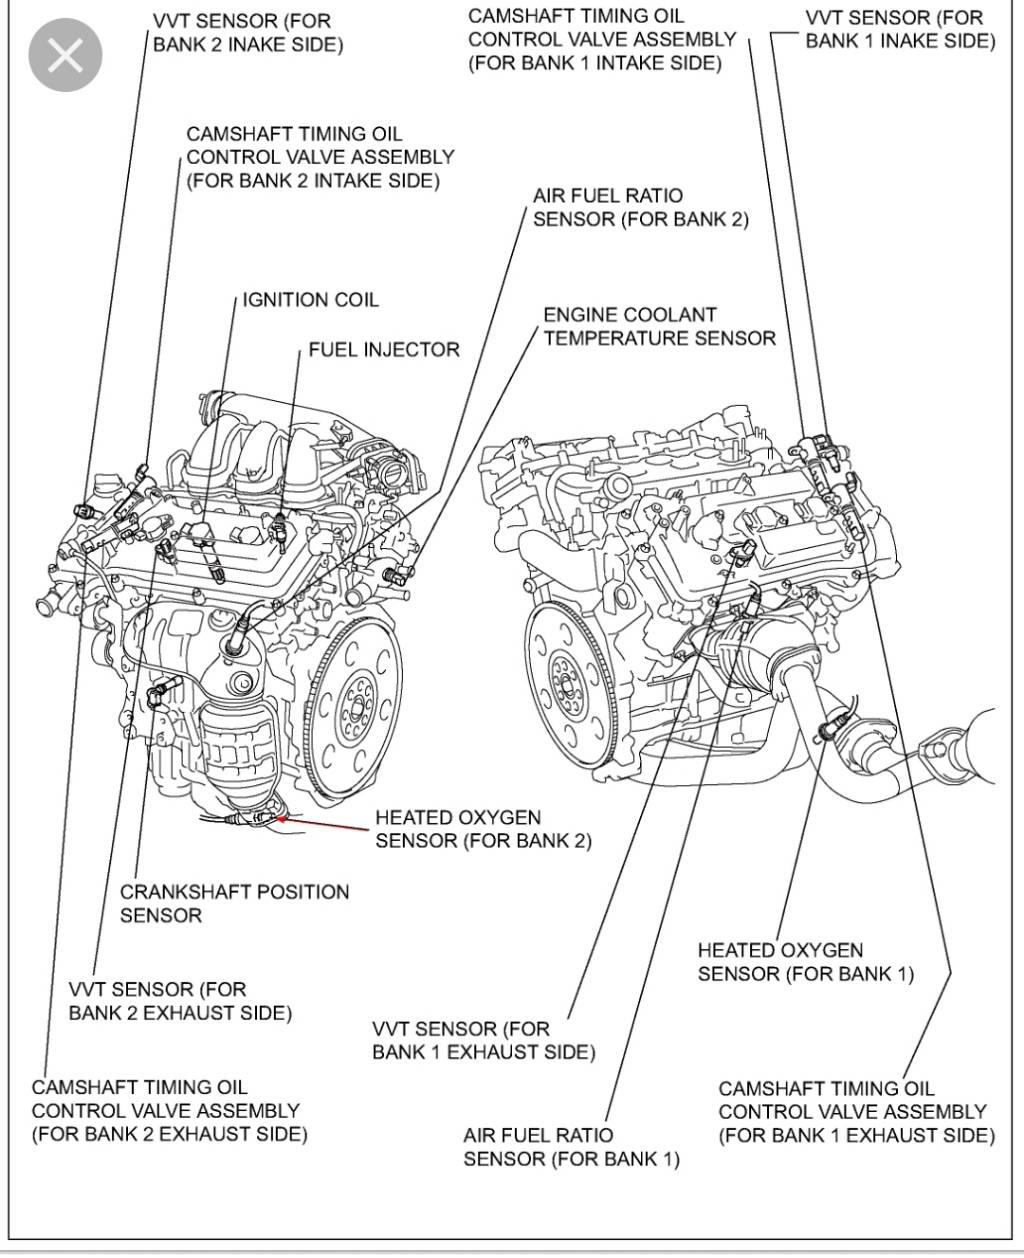 2006 Toyota Rav4 Engine Diagram 2010 Chevy Cobalt Stereo Wiring Schematics Bedebis Waystar Fr